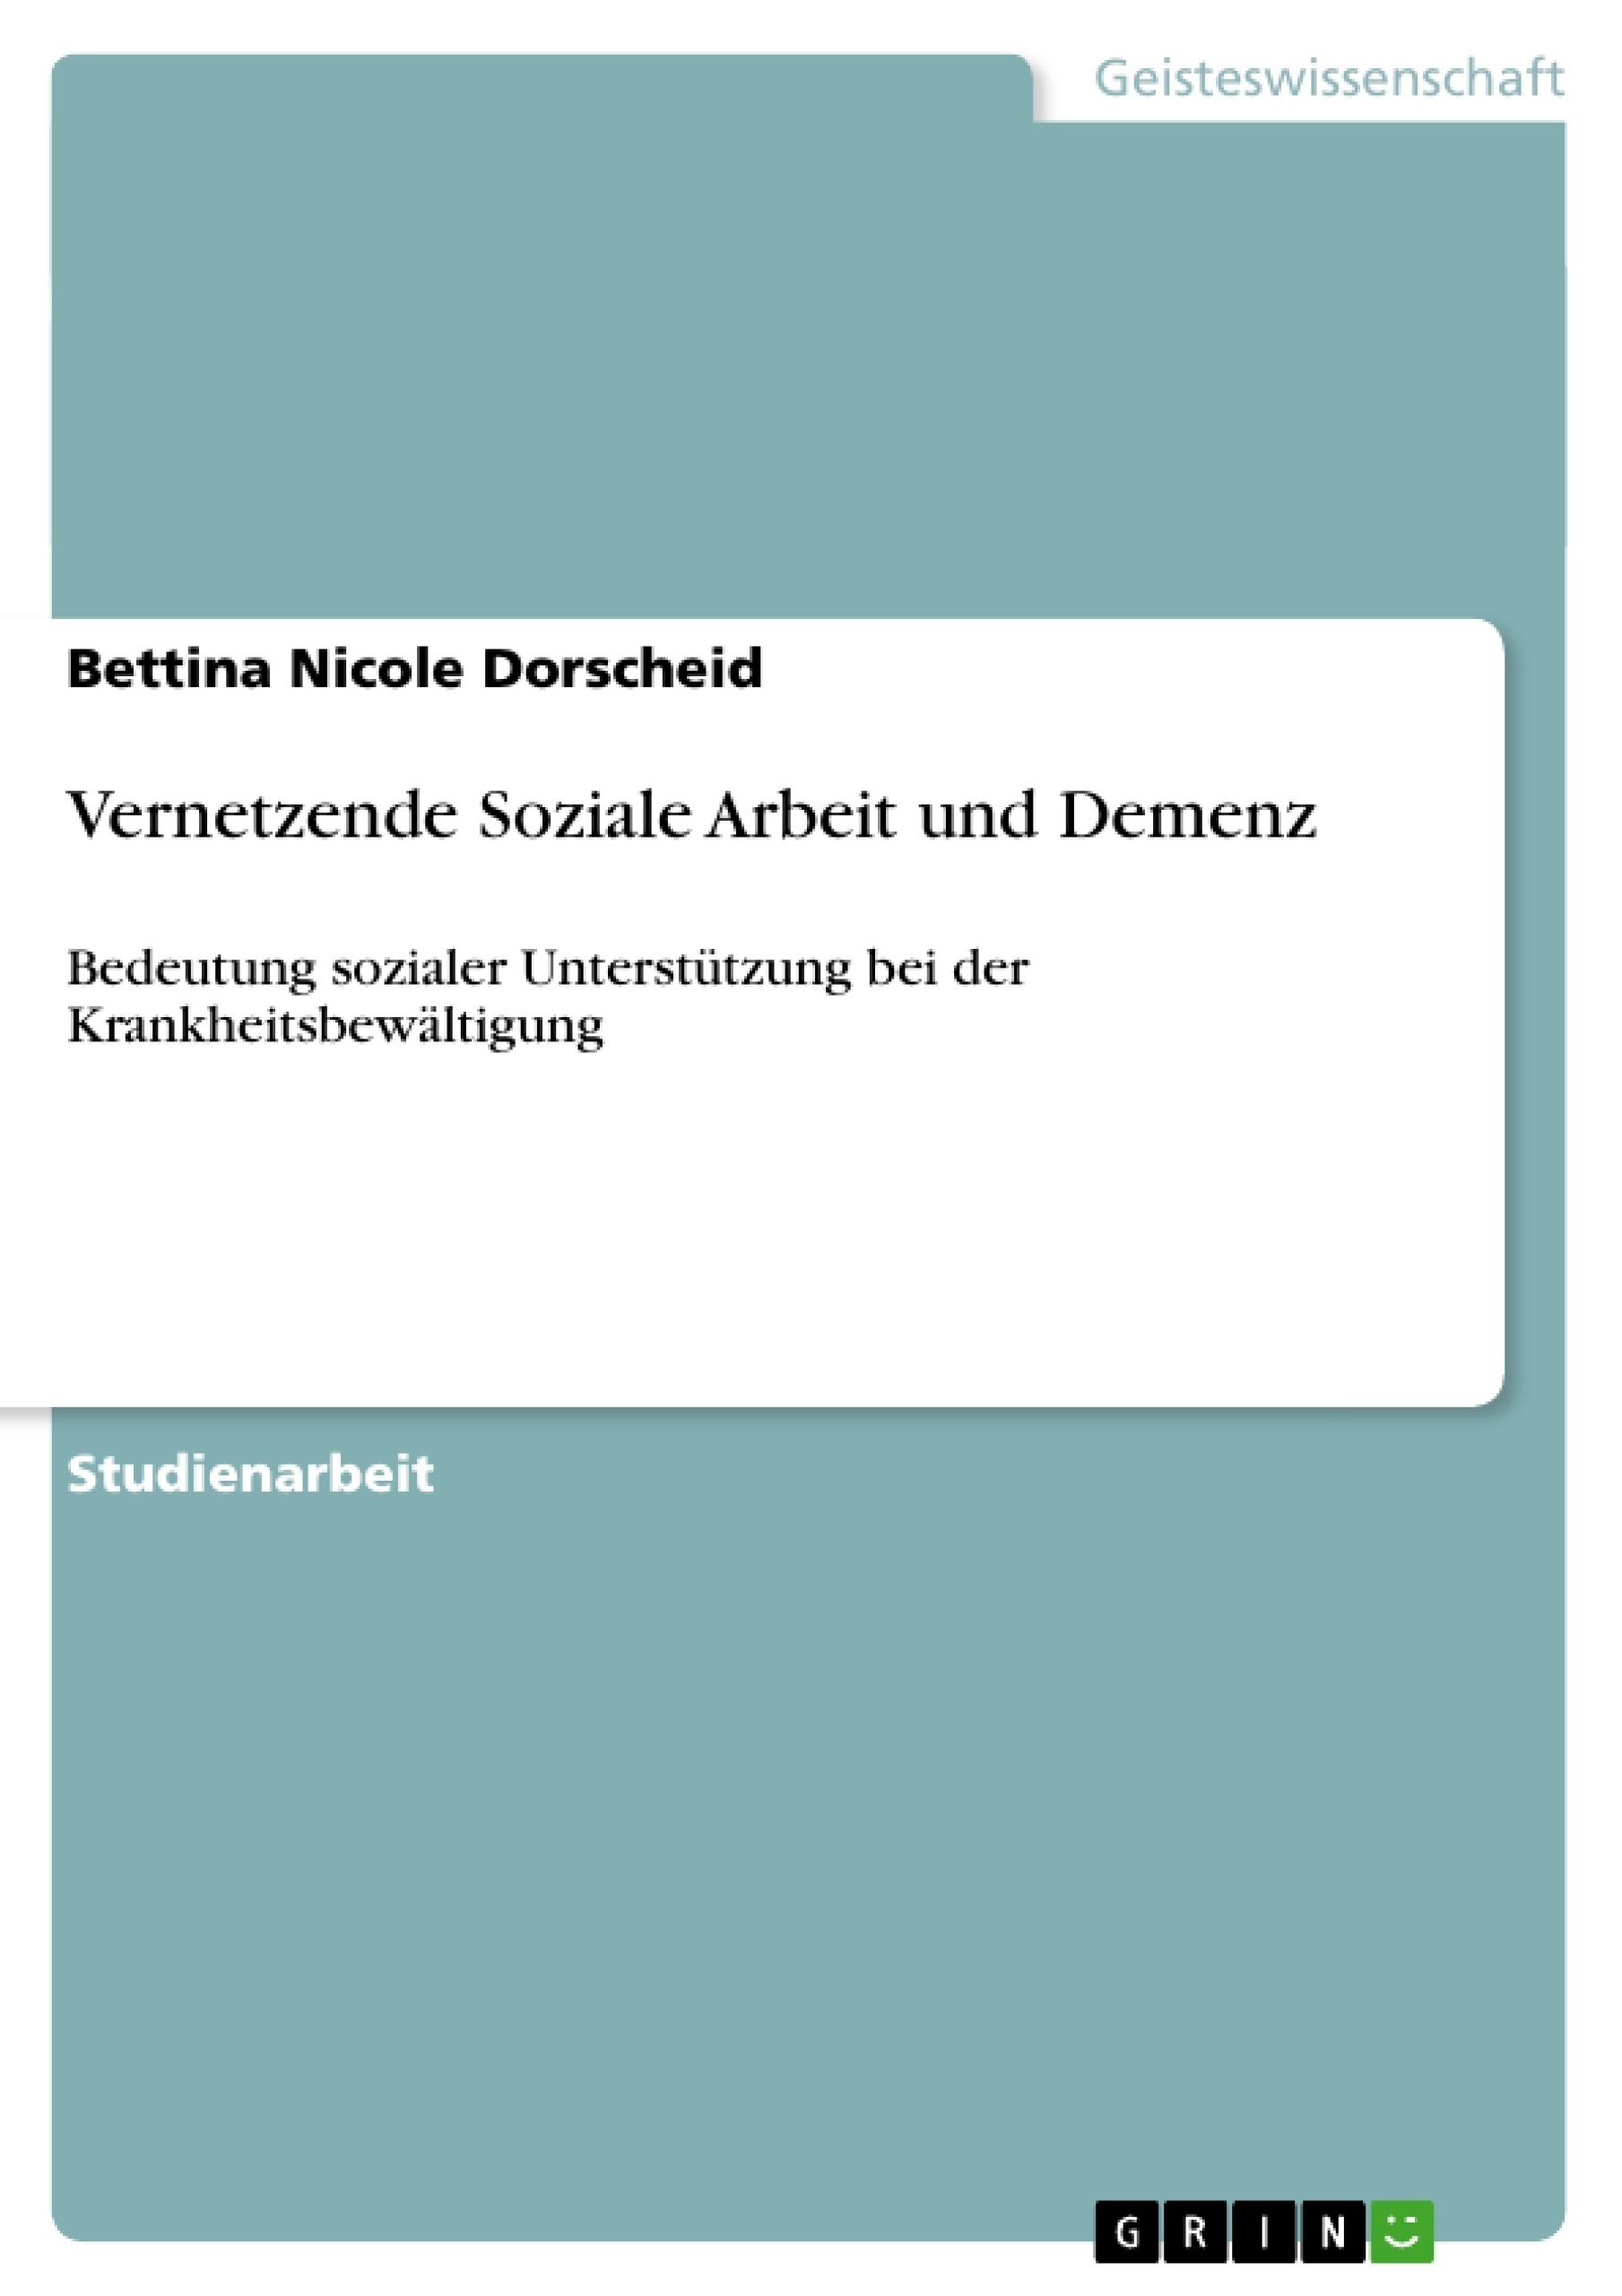 Titel: Vernetzende Soziale Arbeit und Demenz